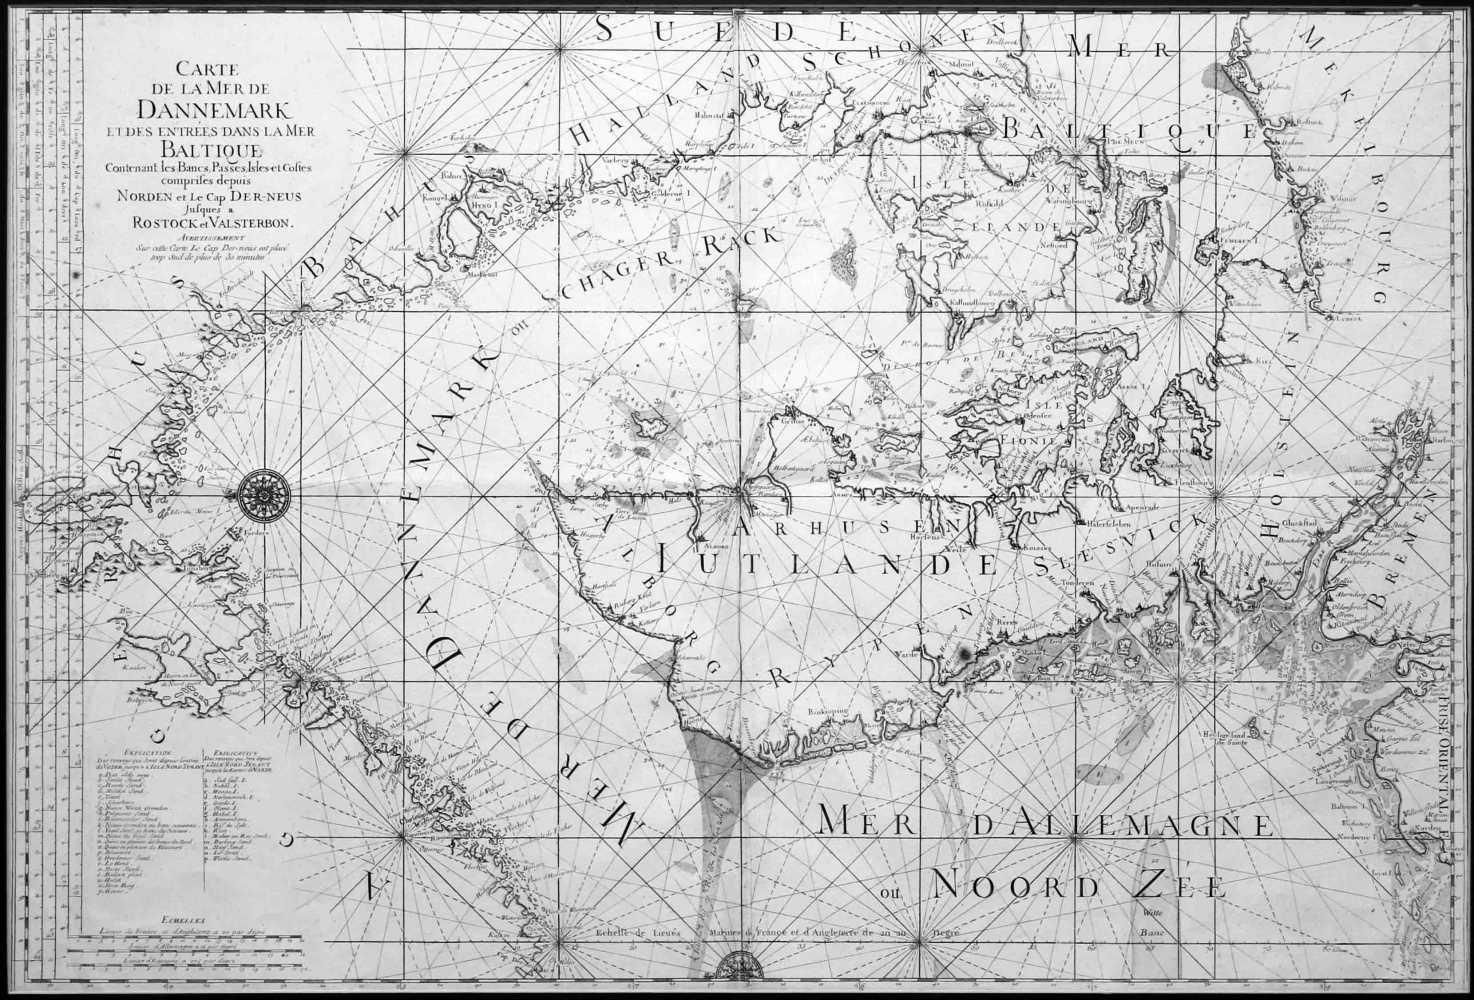 Carte de la mer de Dannemark